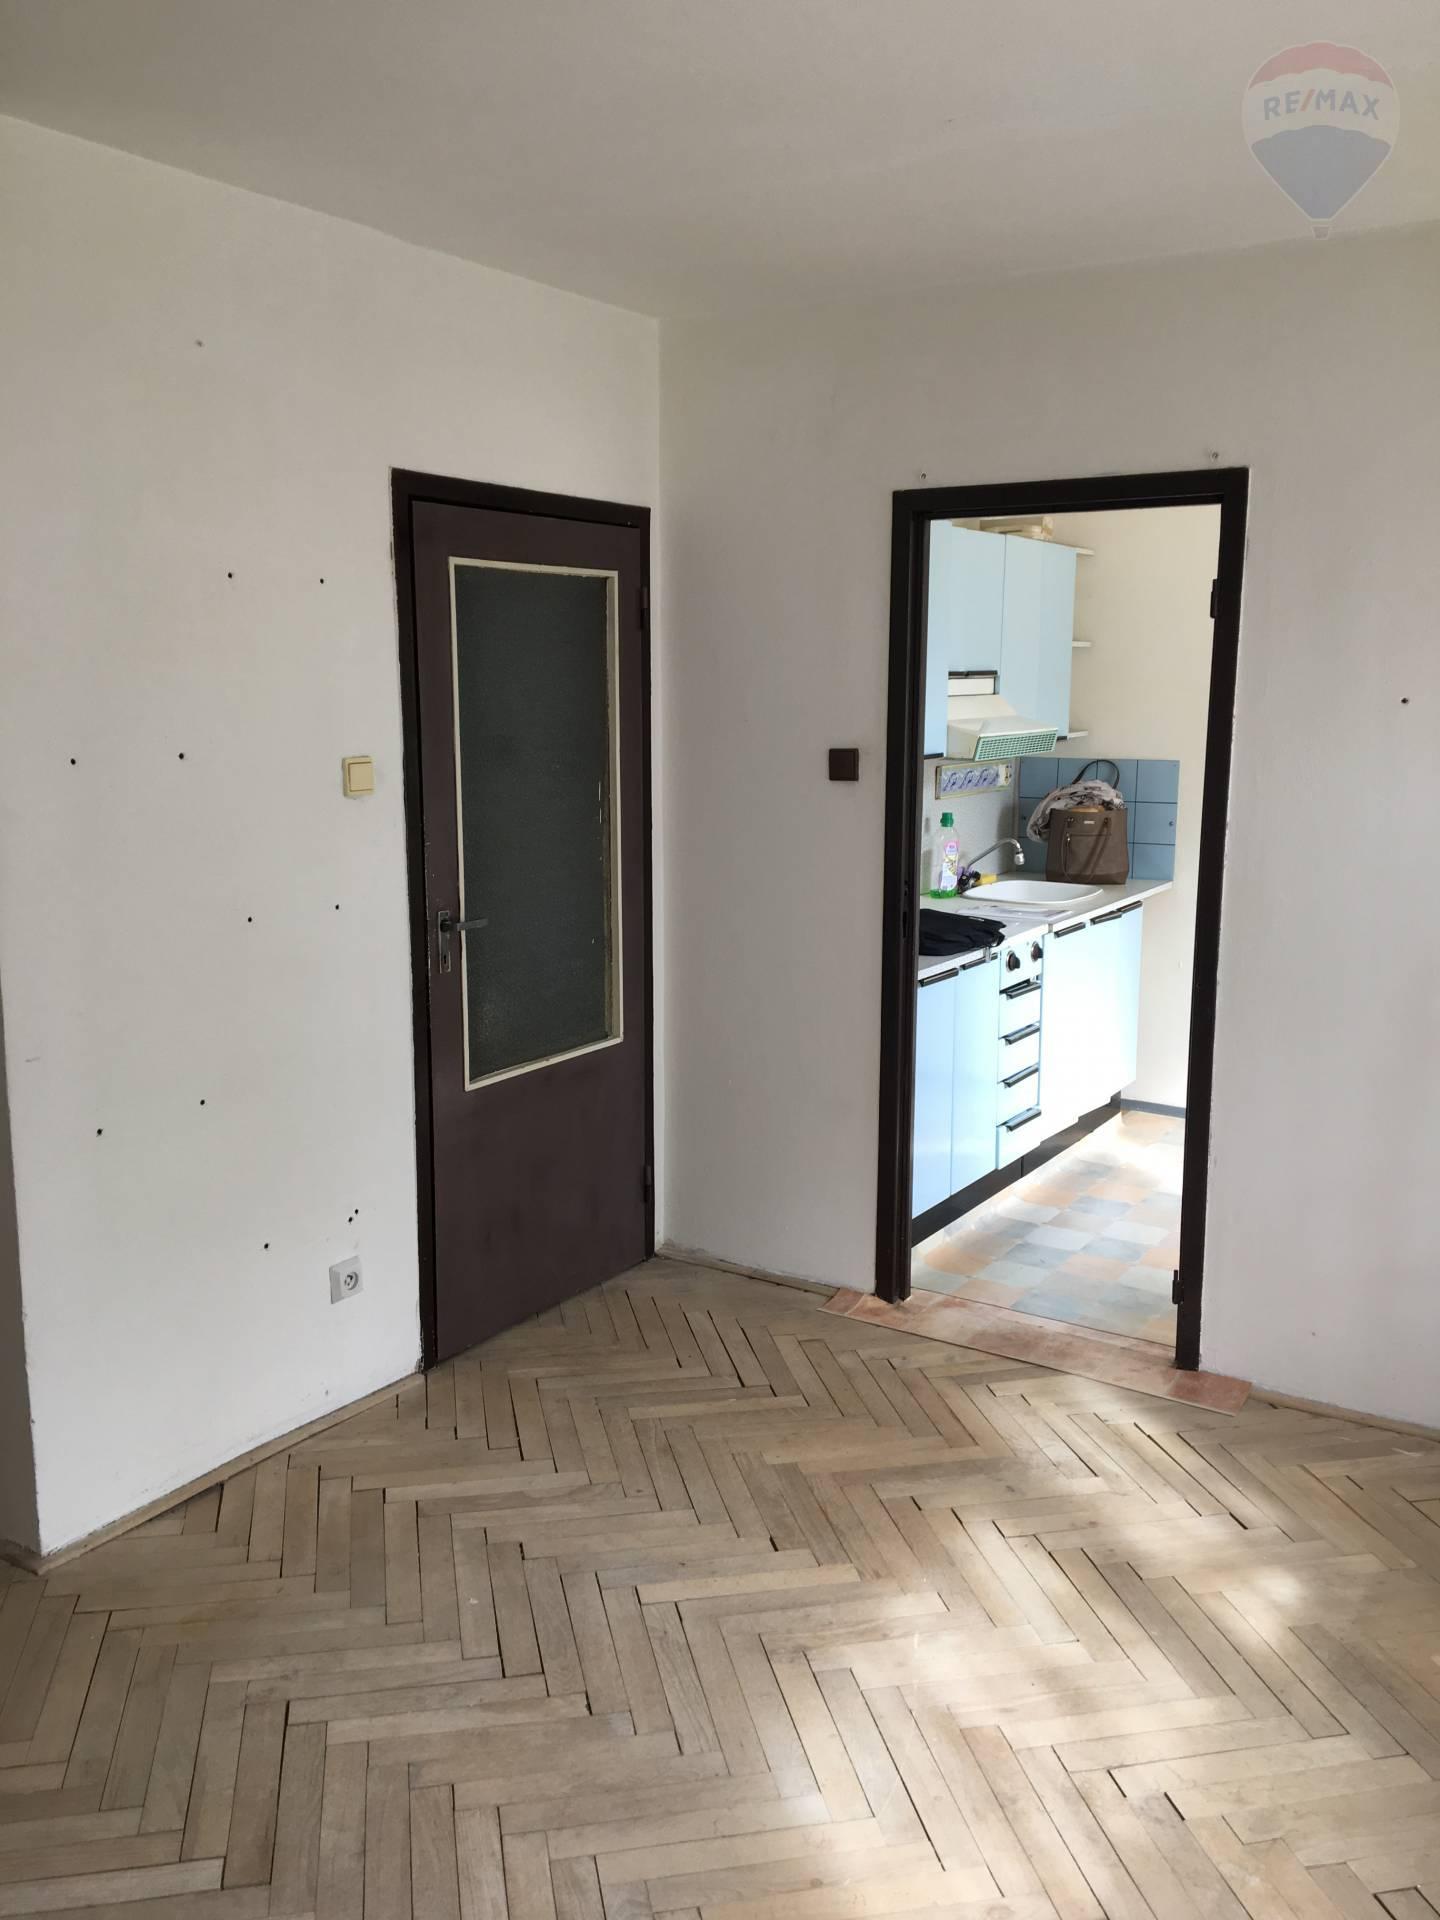 Predaj bytu (1 izbový) 28 m2, Dunajská Streda -